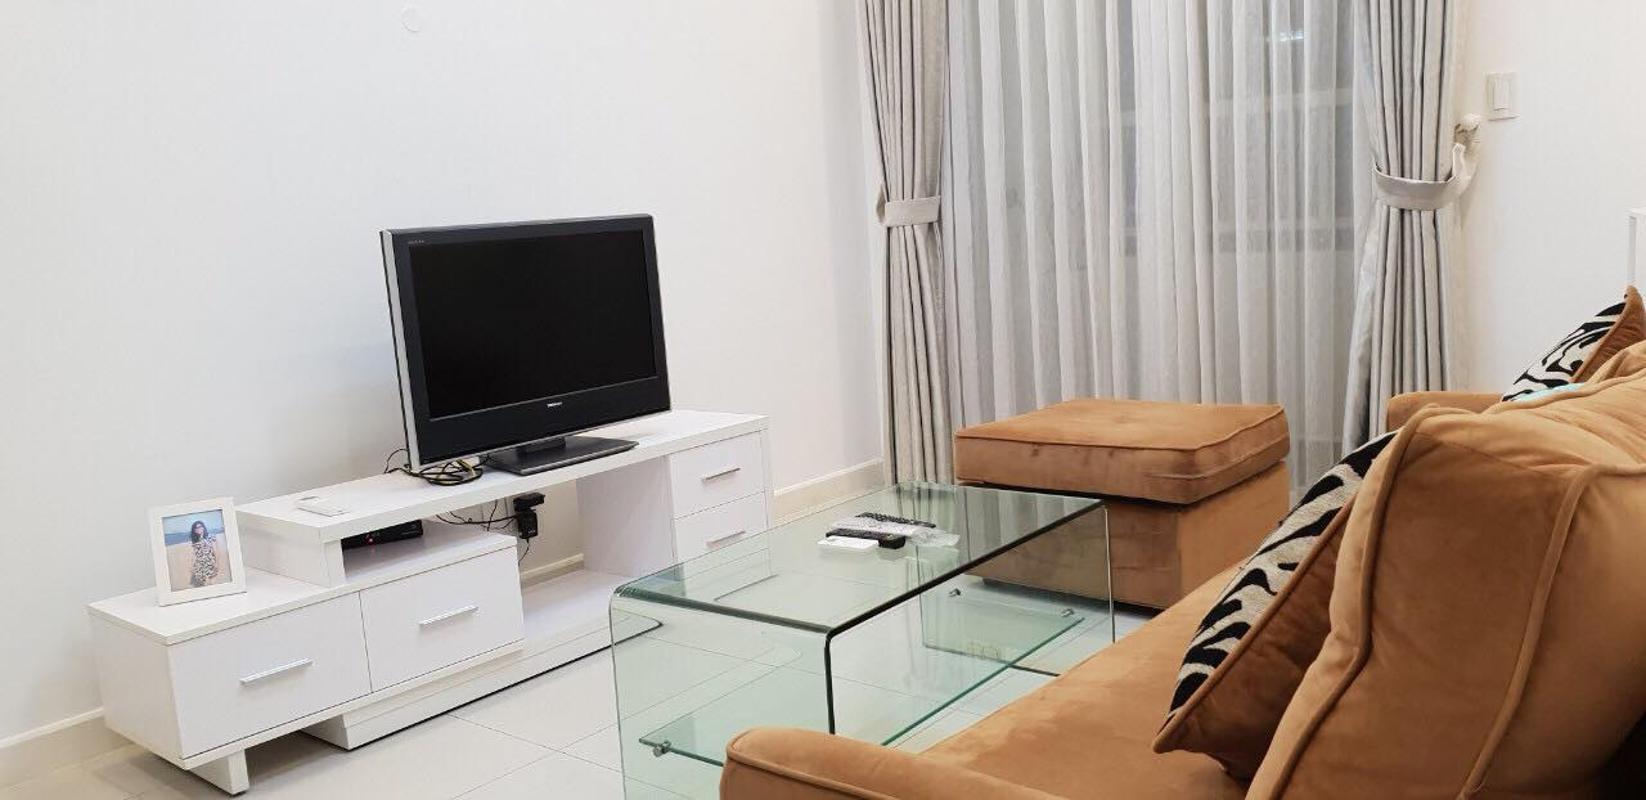 image Bán hoặc cho thuê căn hộ Lexington Residence 3PN, đầy đủ nội thất, view hồ bơi và đại lộ Mai Chí Thọ